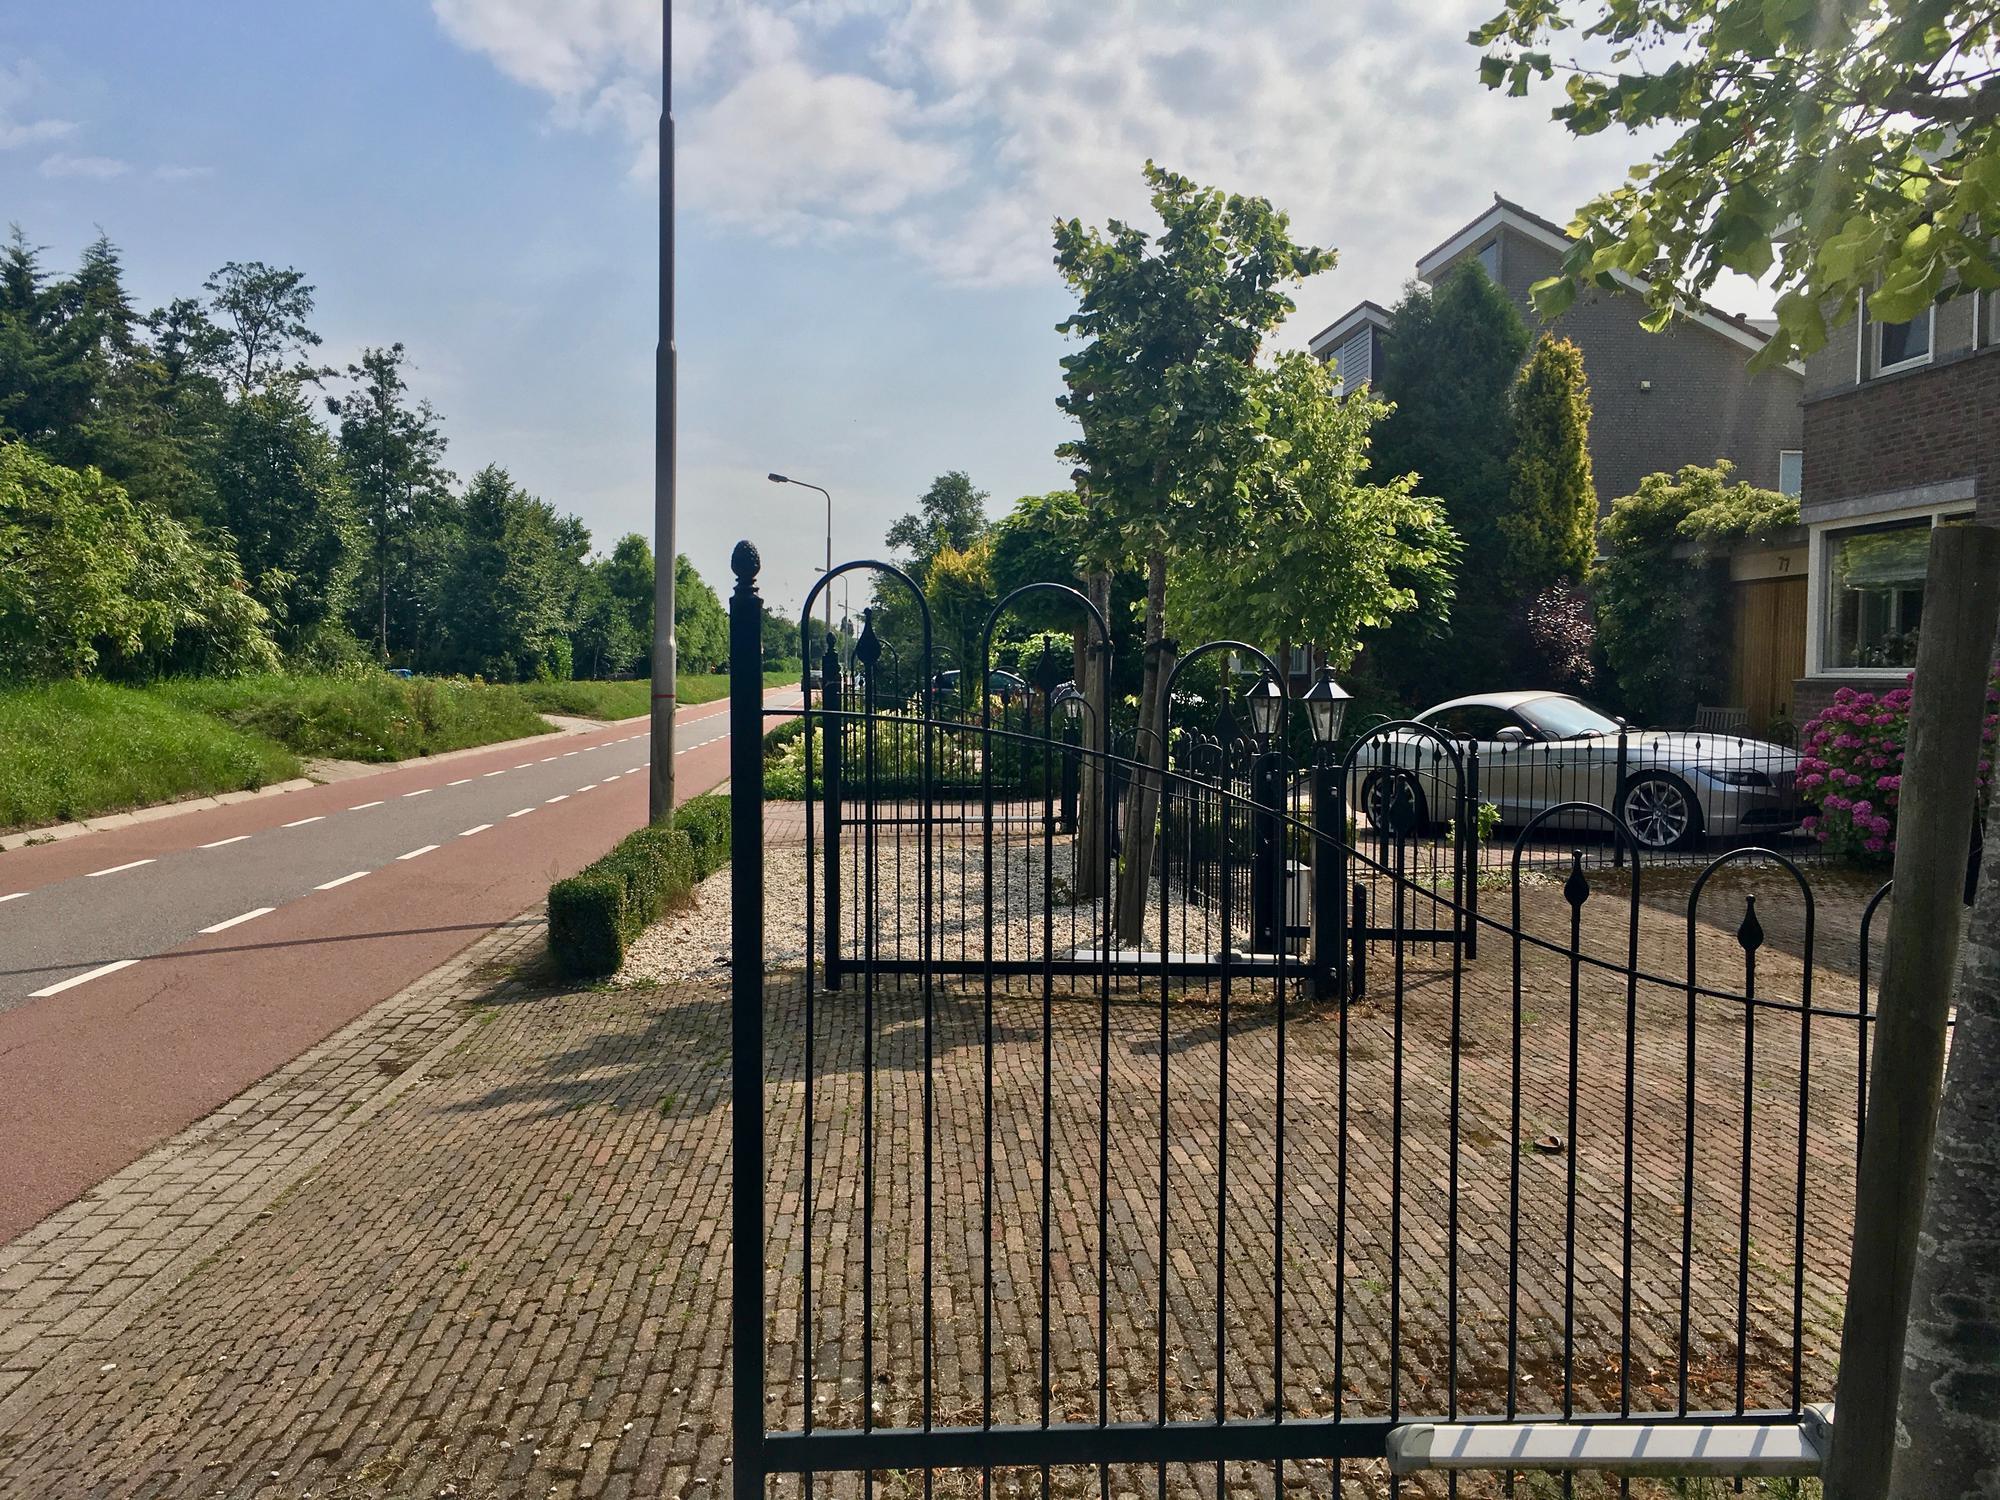 🇳🇱 Алсмер, Нидерланды, июль 2017.